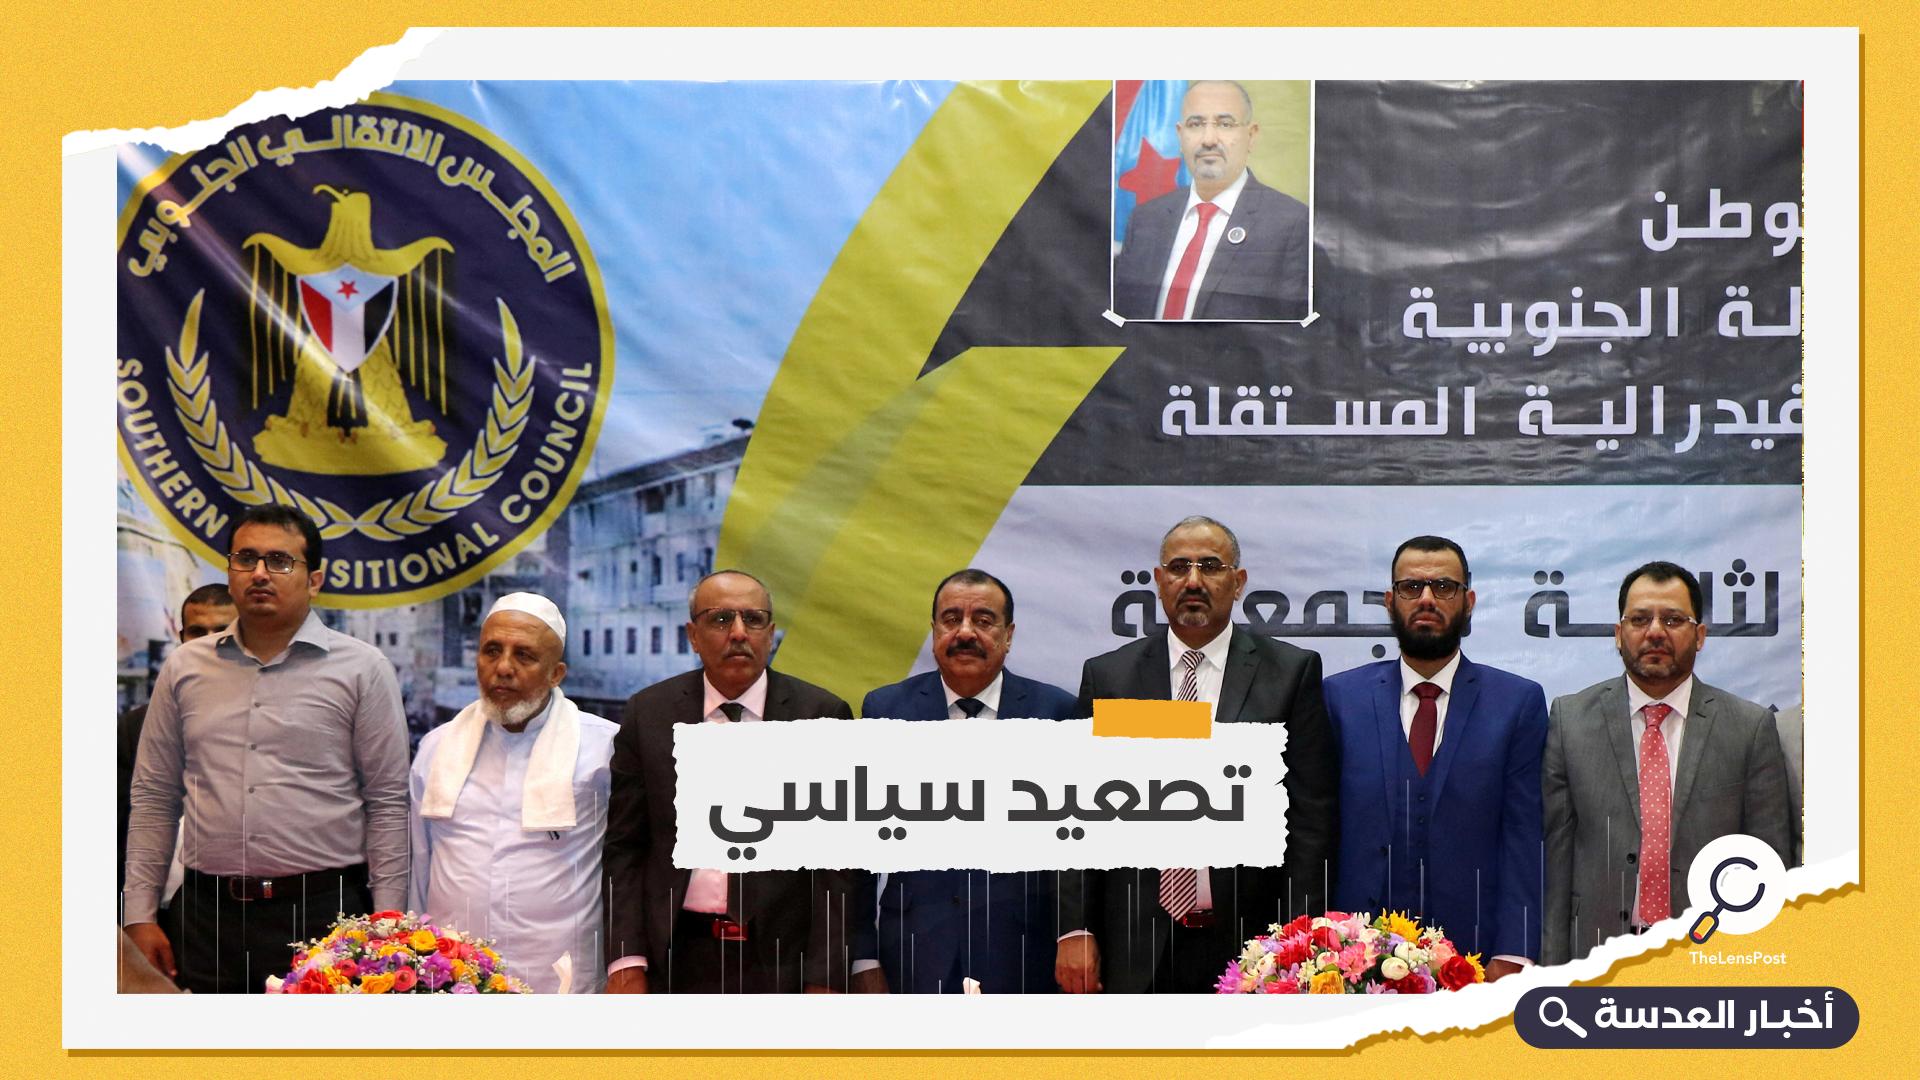 المجلس الانتقالي المدعوم إماراتيا يعلن نيته لإعادة إنشاء مجلس تشريعي في الجنوب اليمني